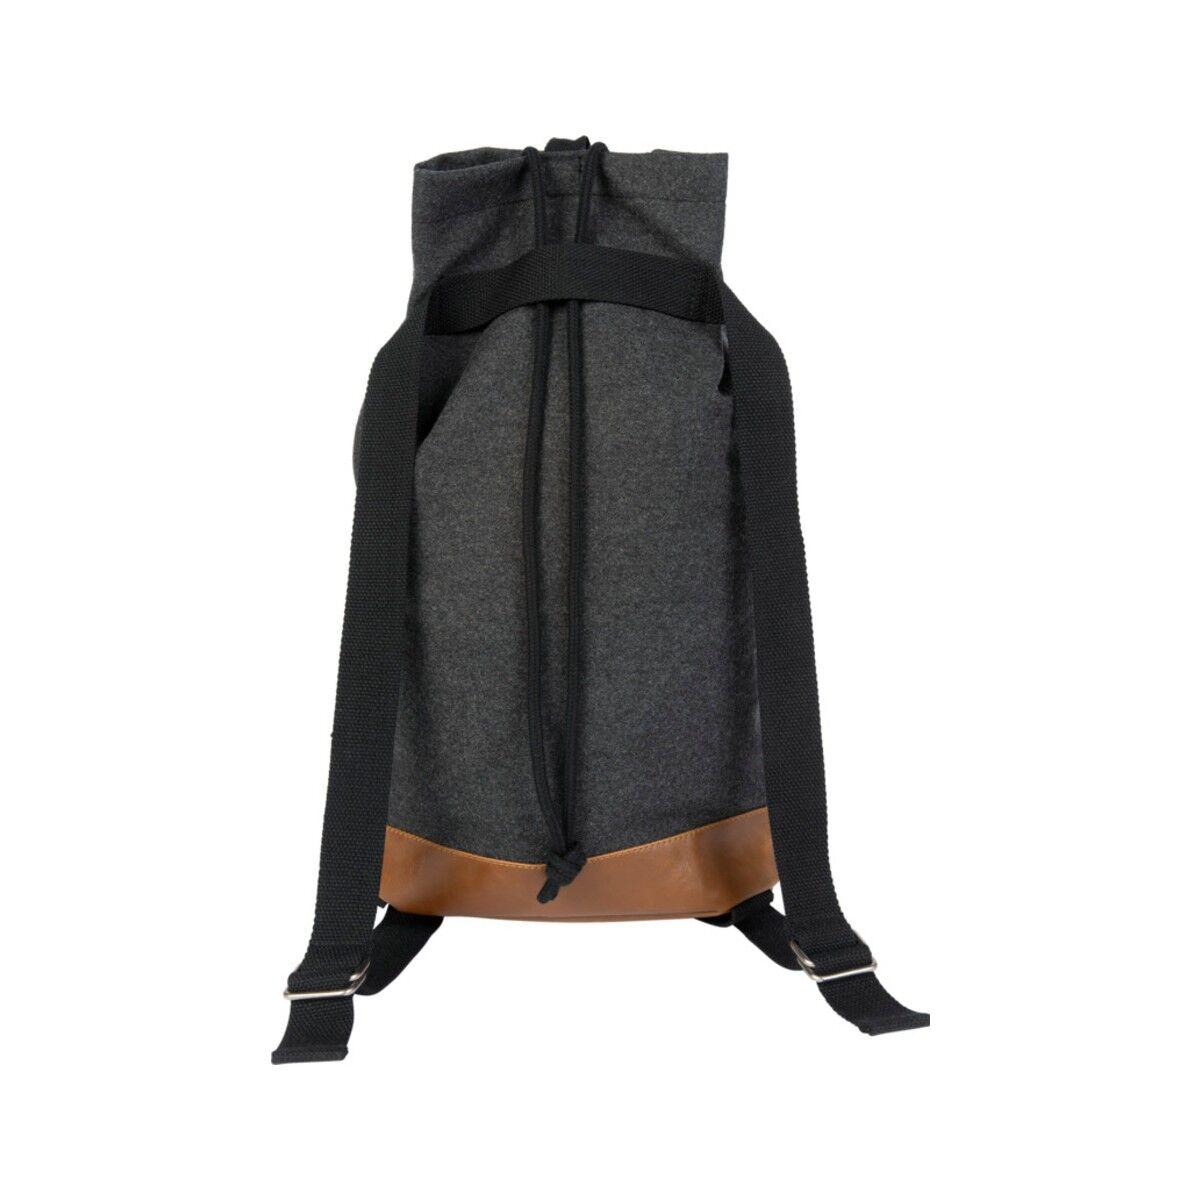 Camper Drawstring Backpack